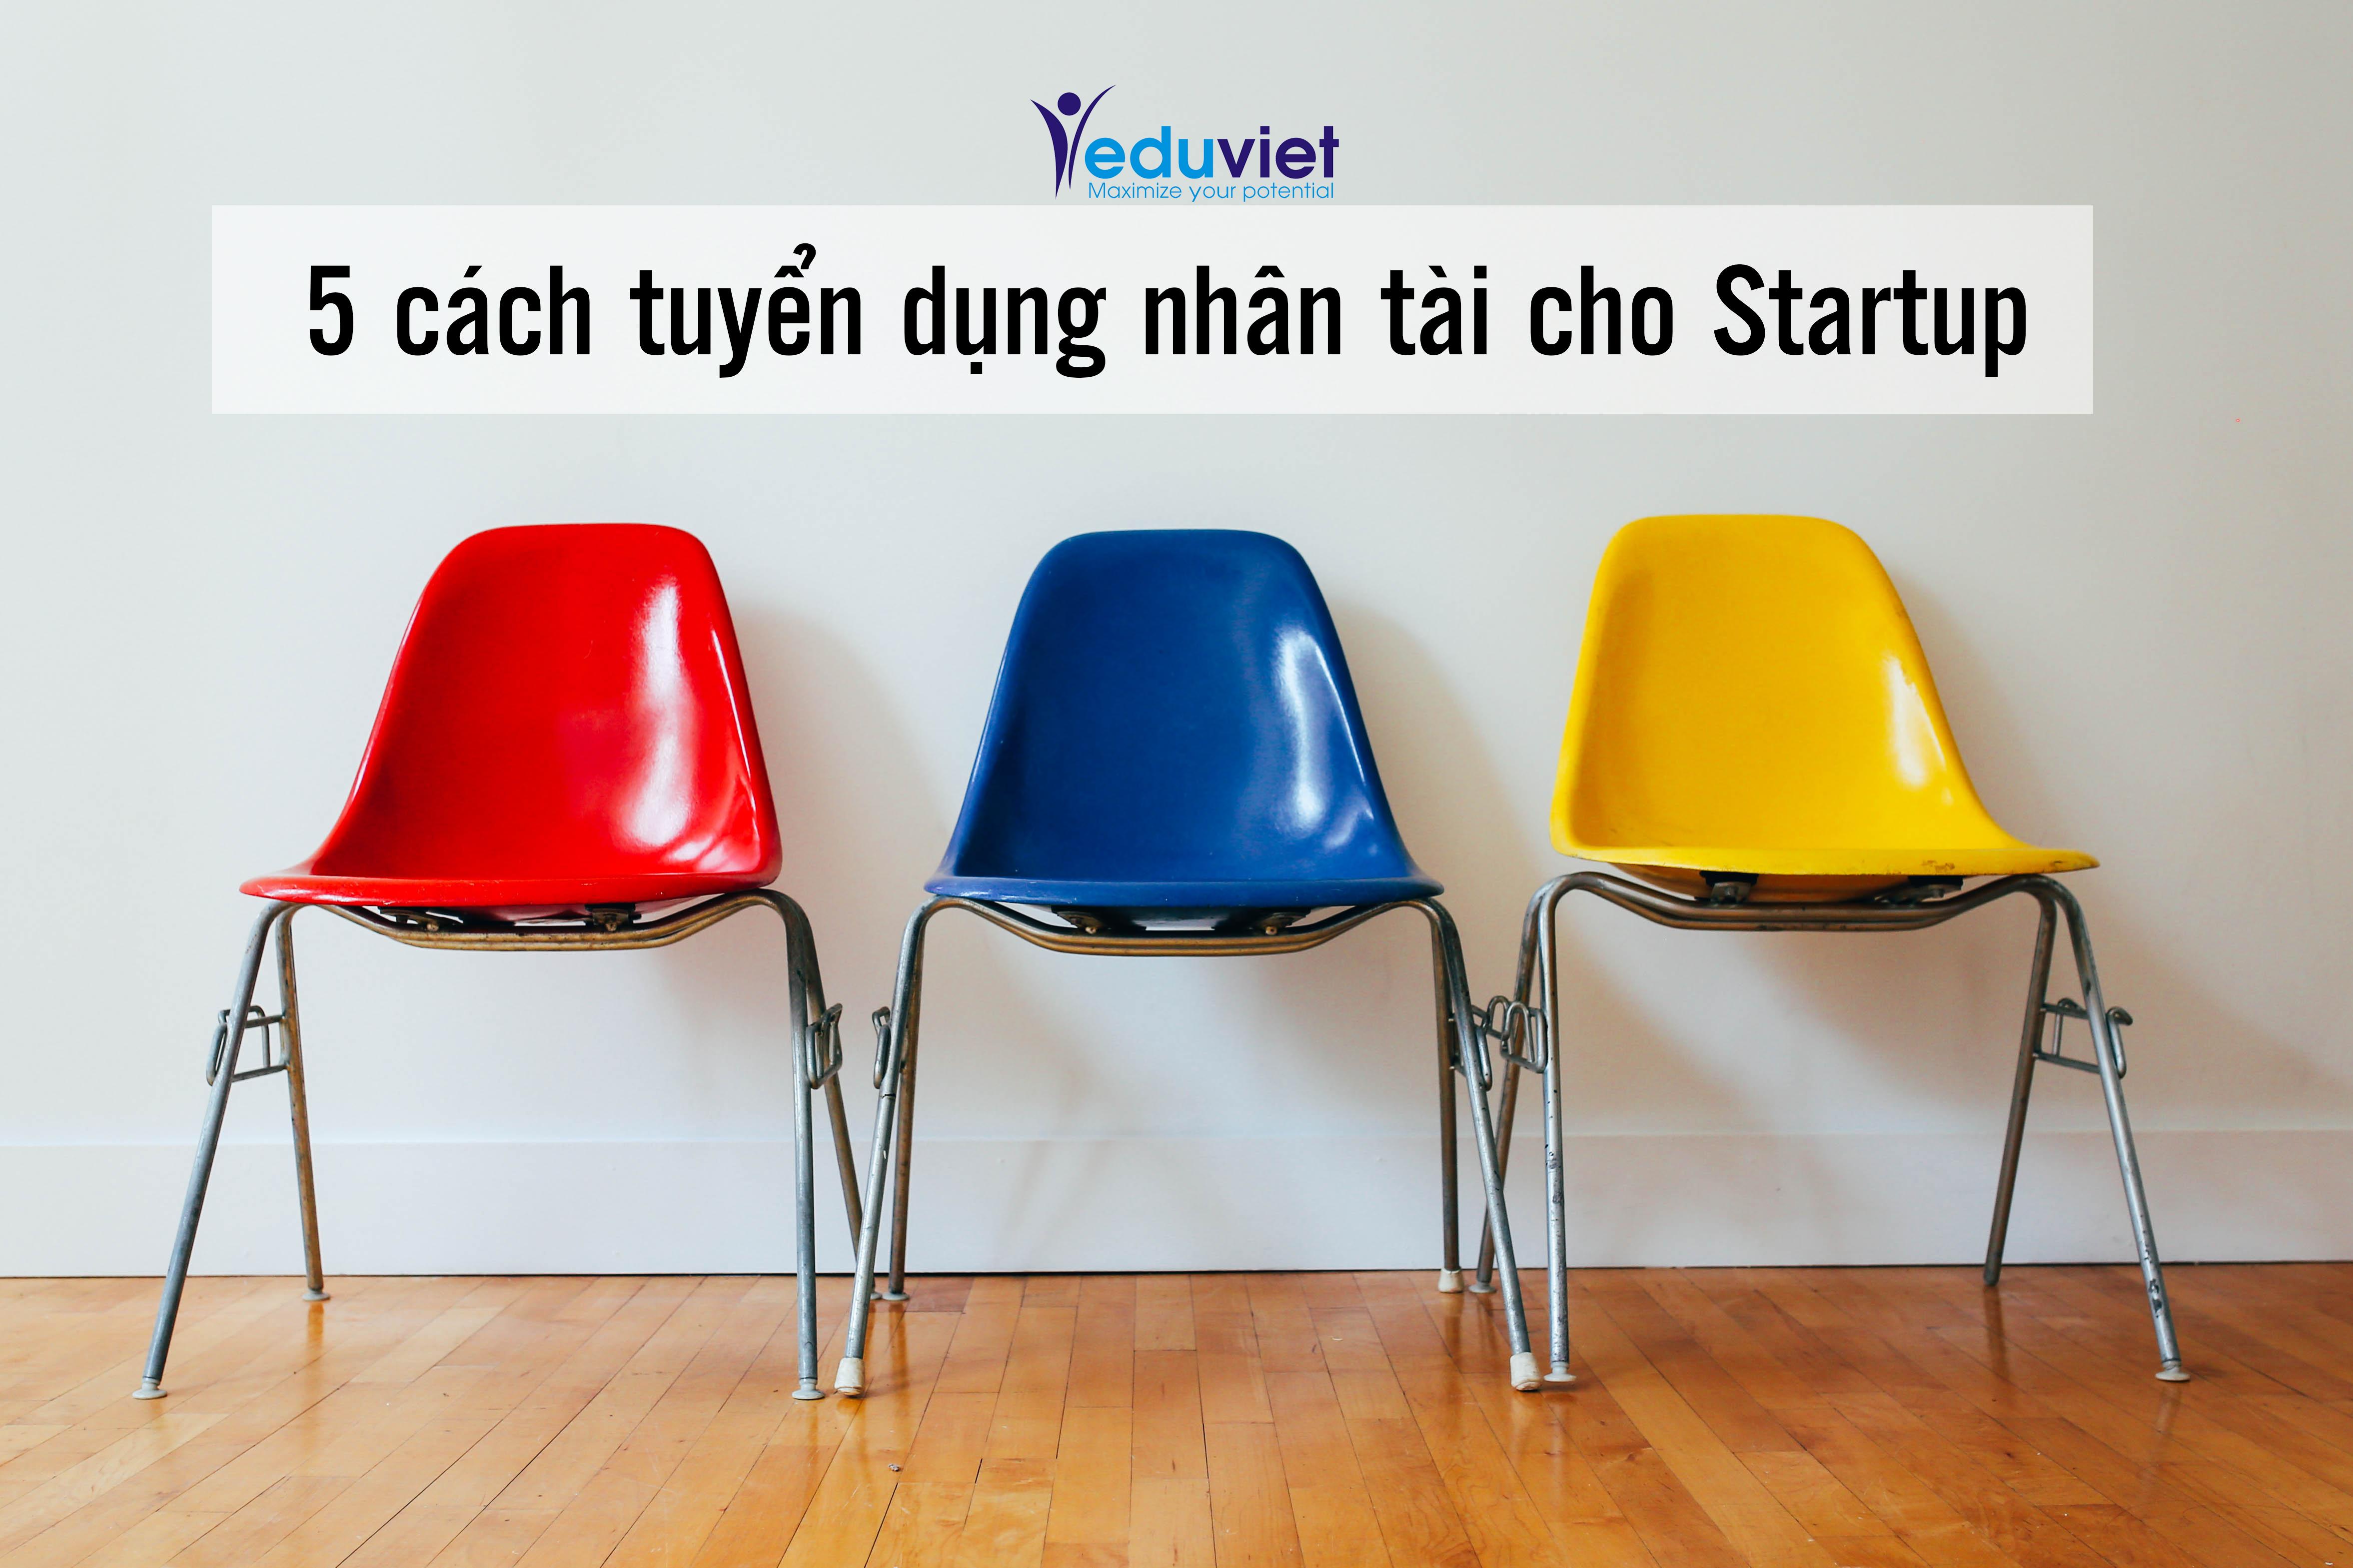 5 cách tuyển dụng nhân tài cho startup